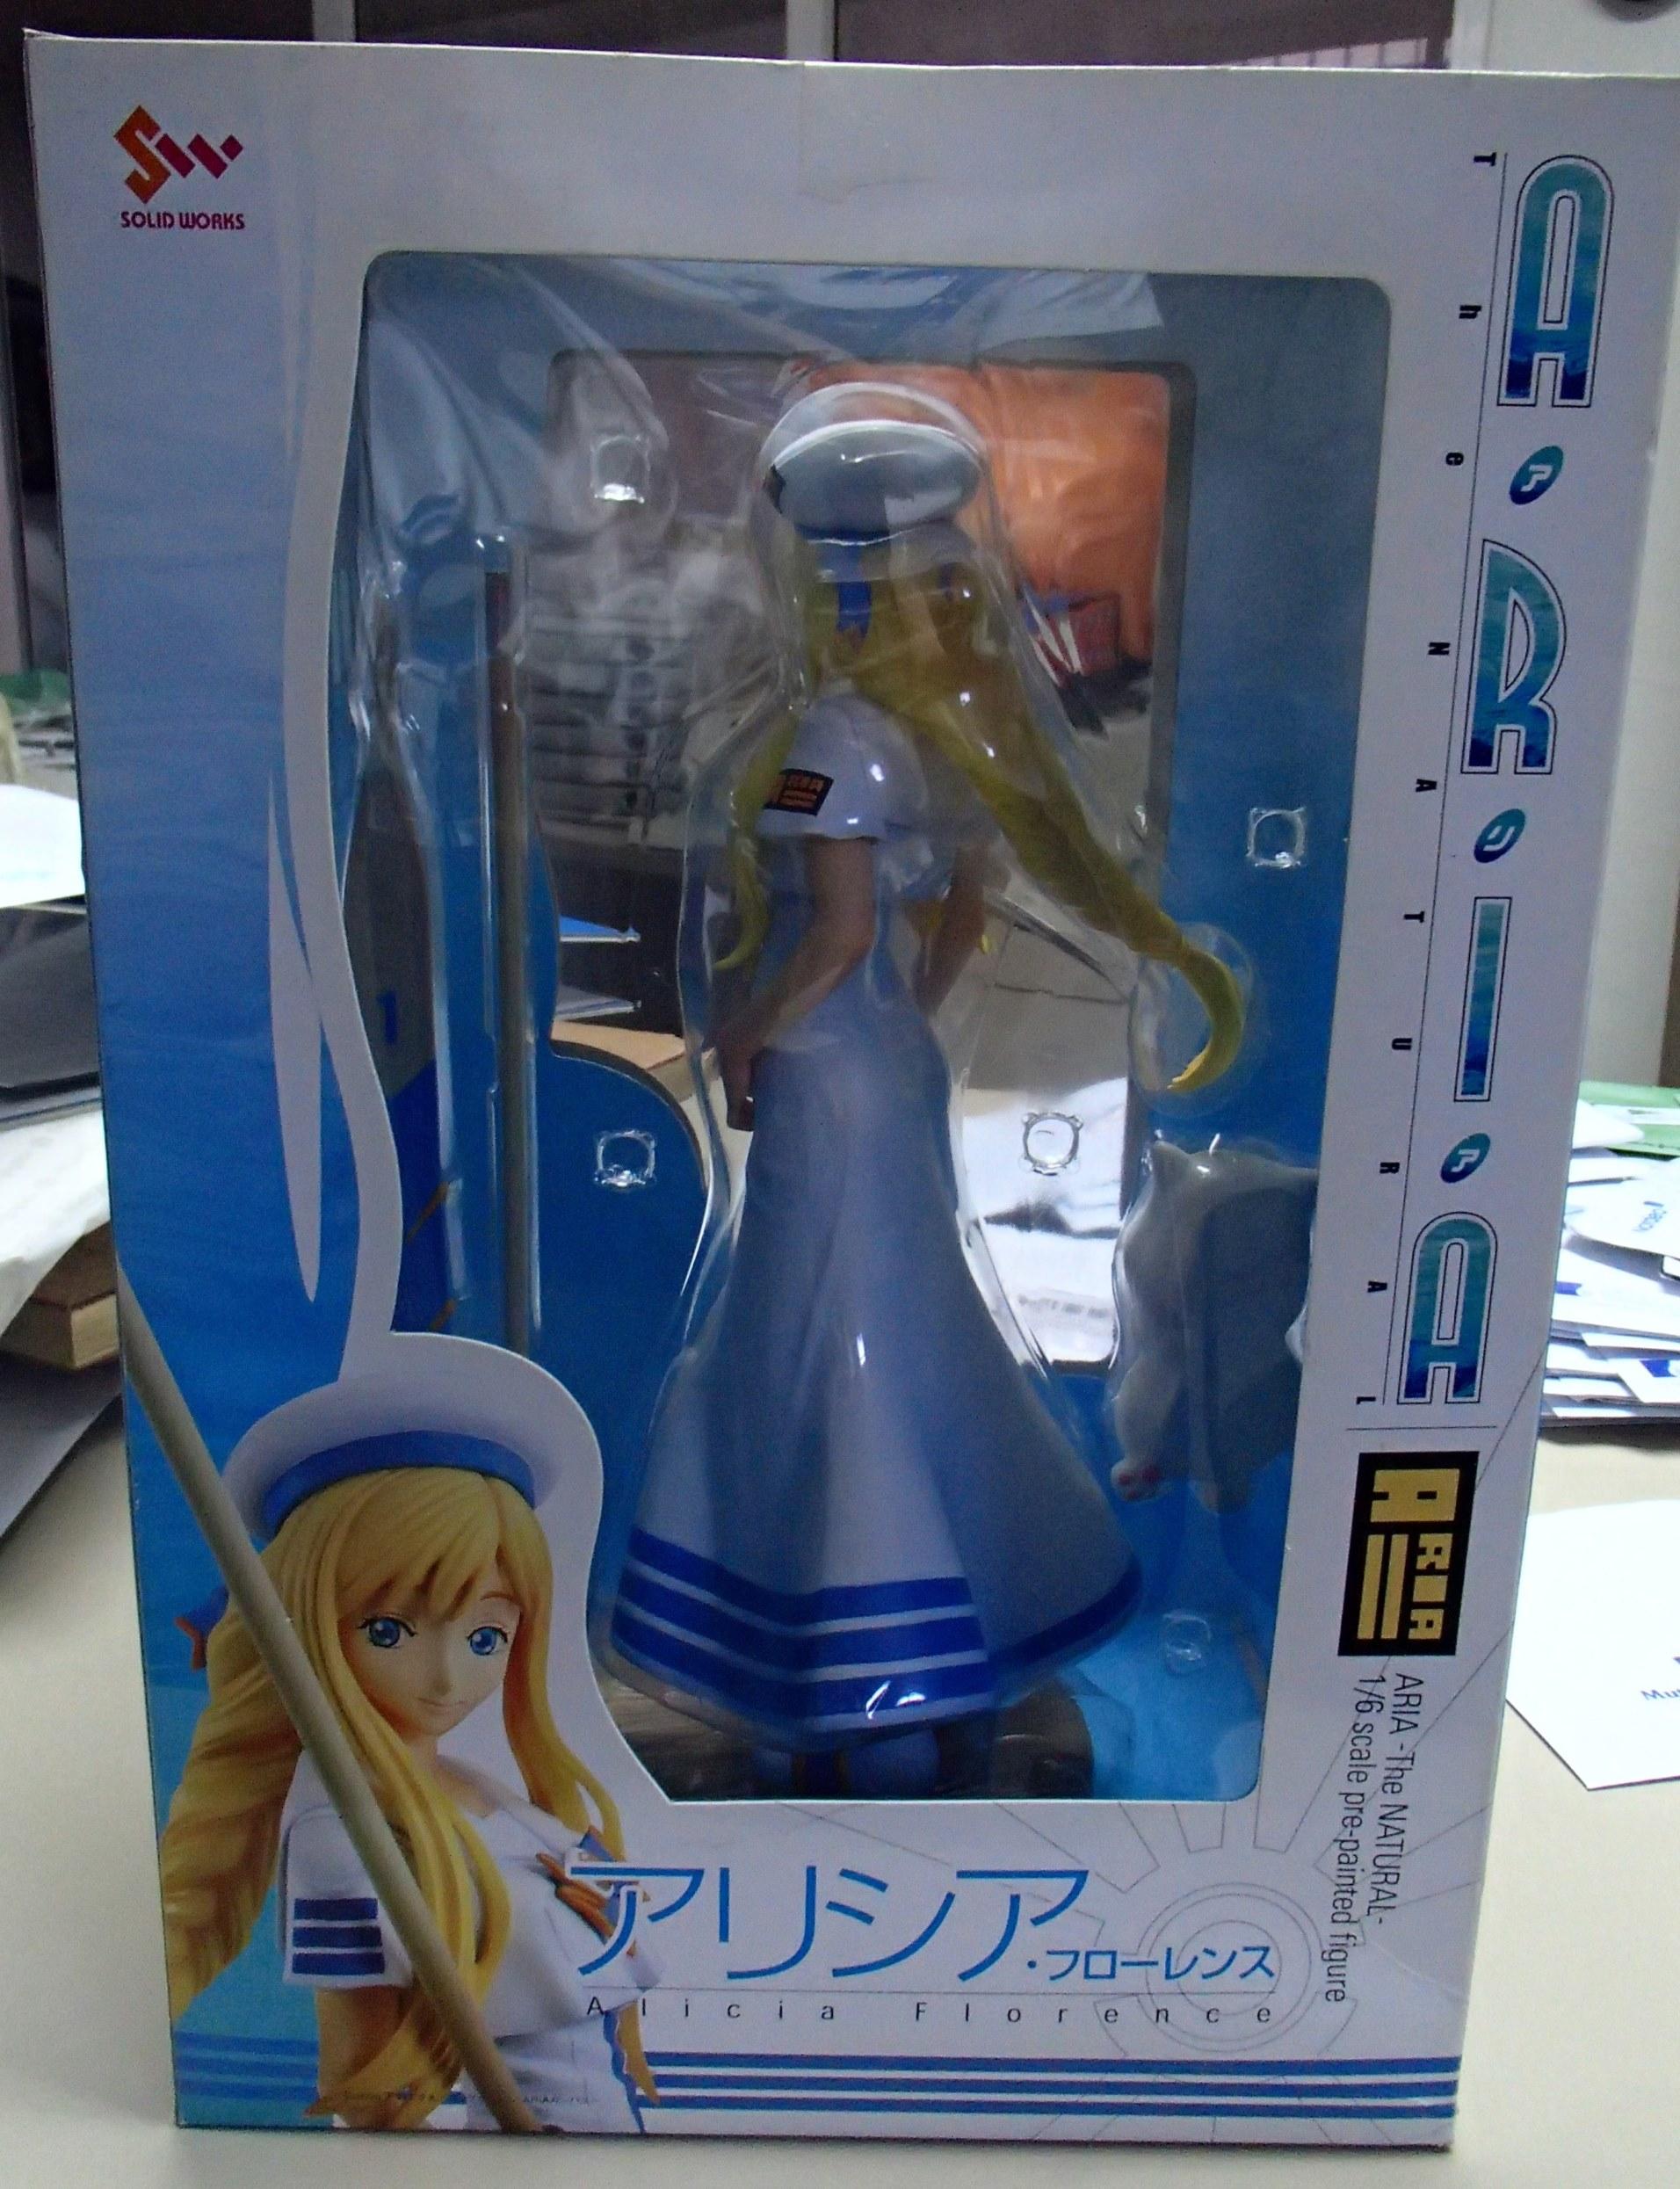 aria alicia_florence toy's_works aria_pokoteng shikanaru_(rokumeikan)